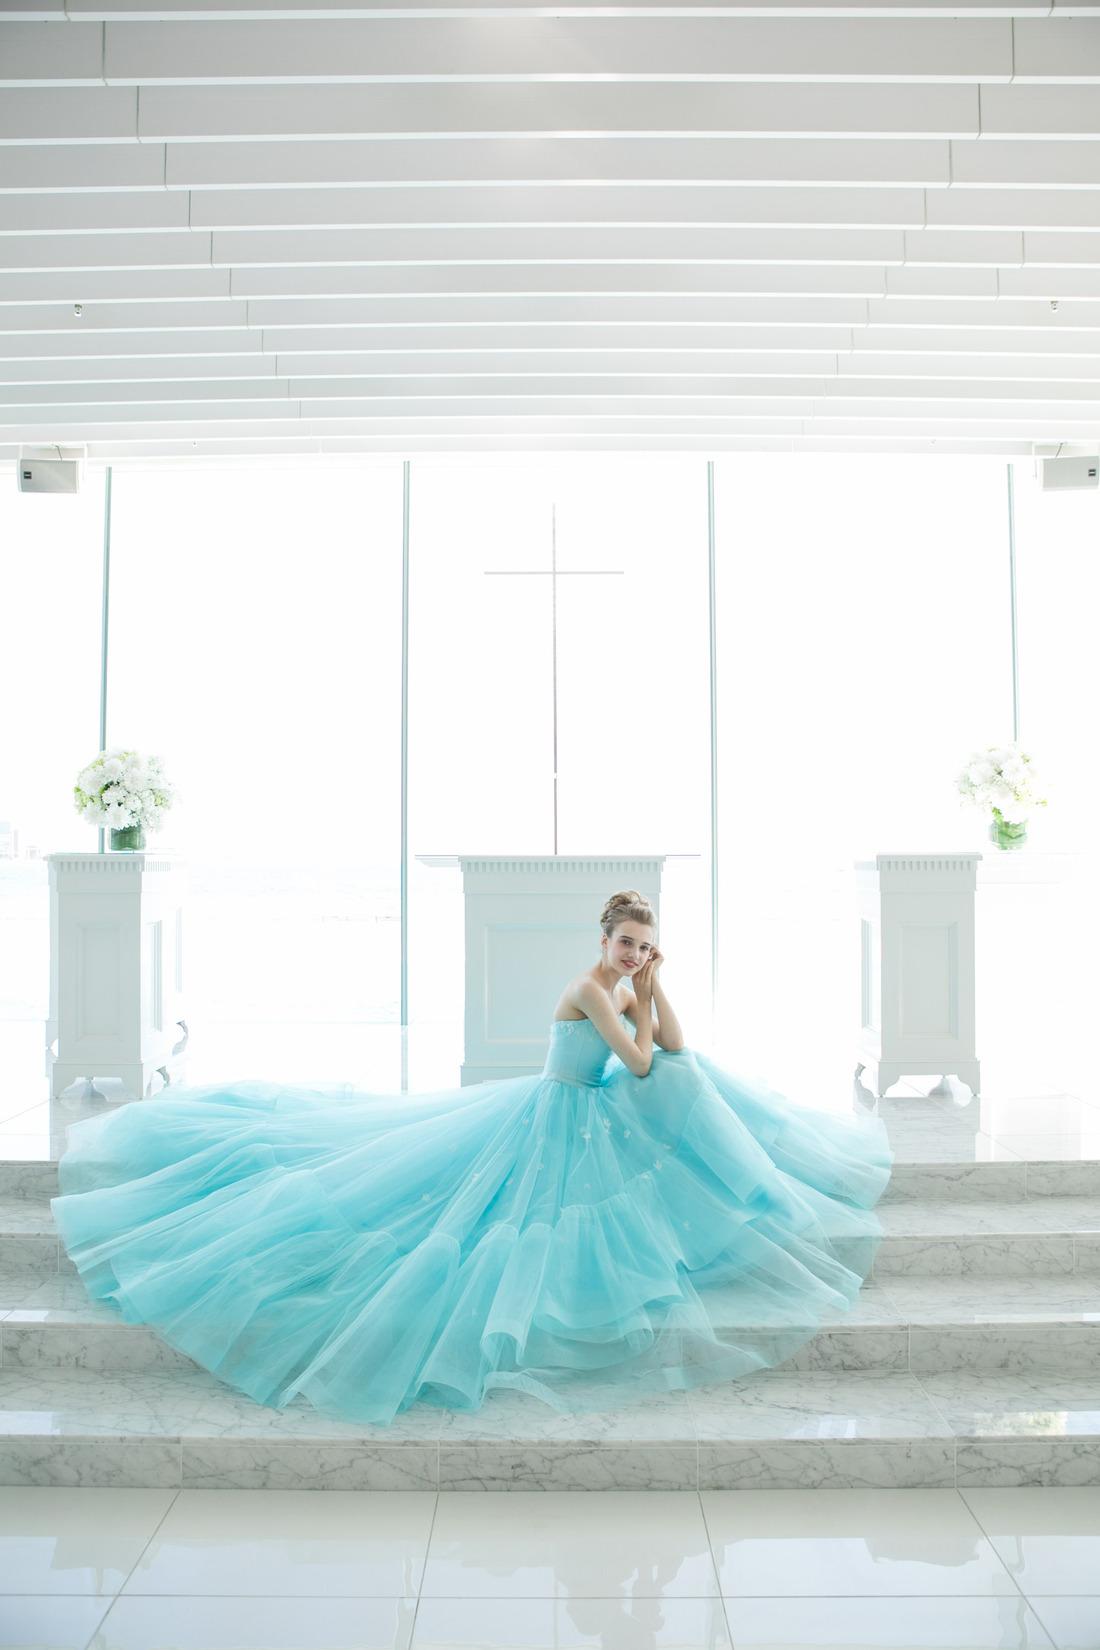 【嬉しい特典付き】心ときめくドレスショップご案内フェア